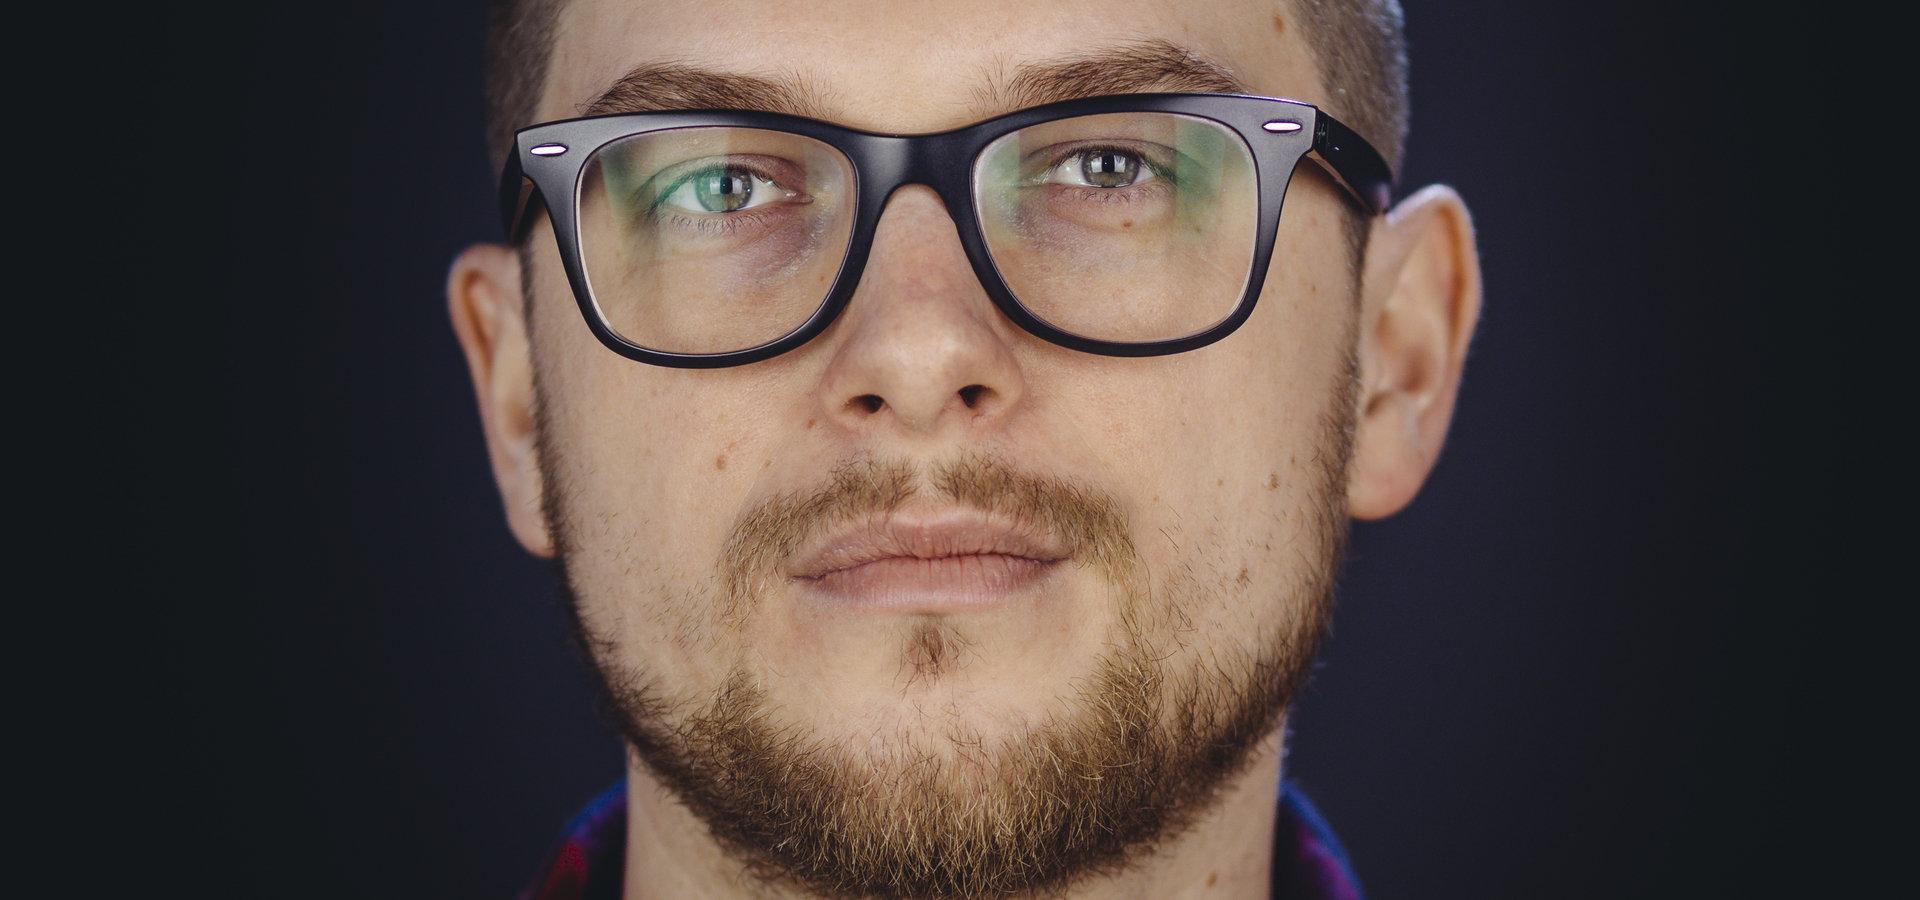 Marcin Poradka wzmacnia dział producencki części agencyjnej Deloitte Digital